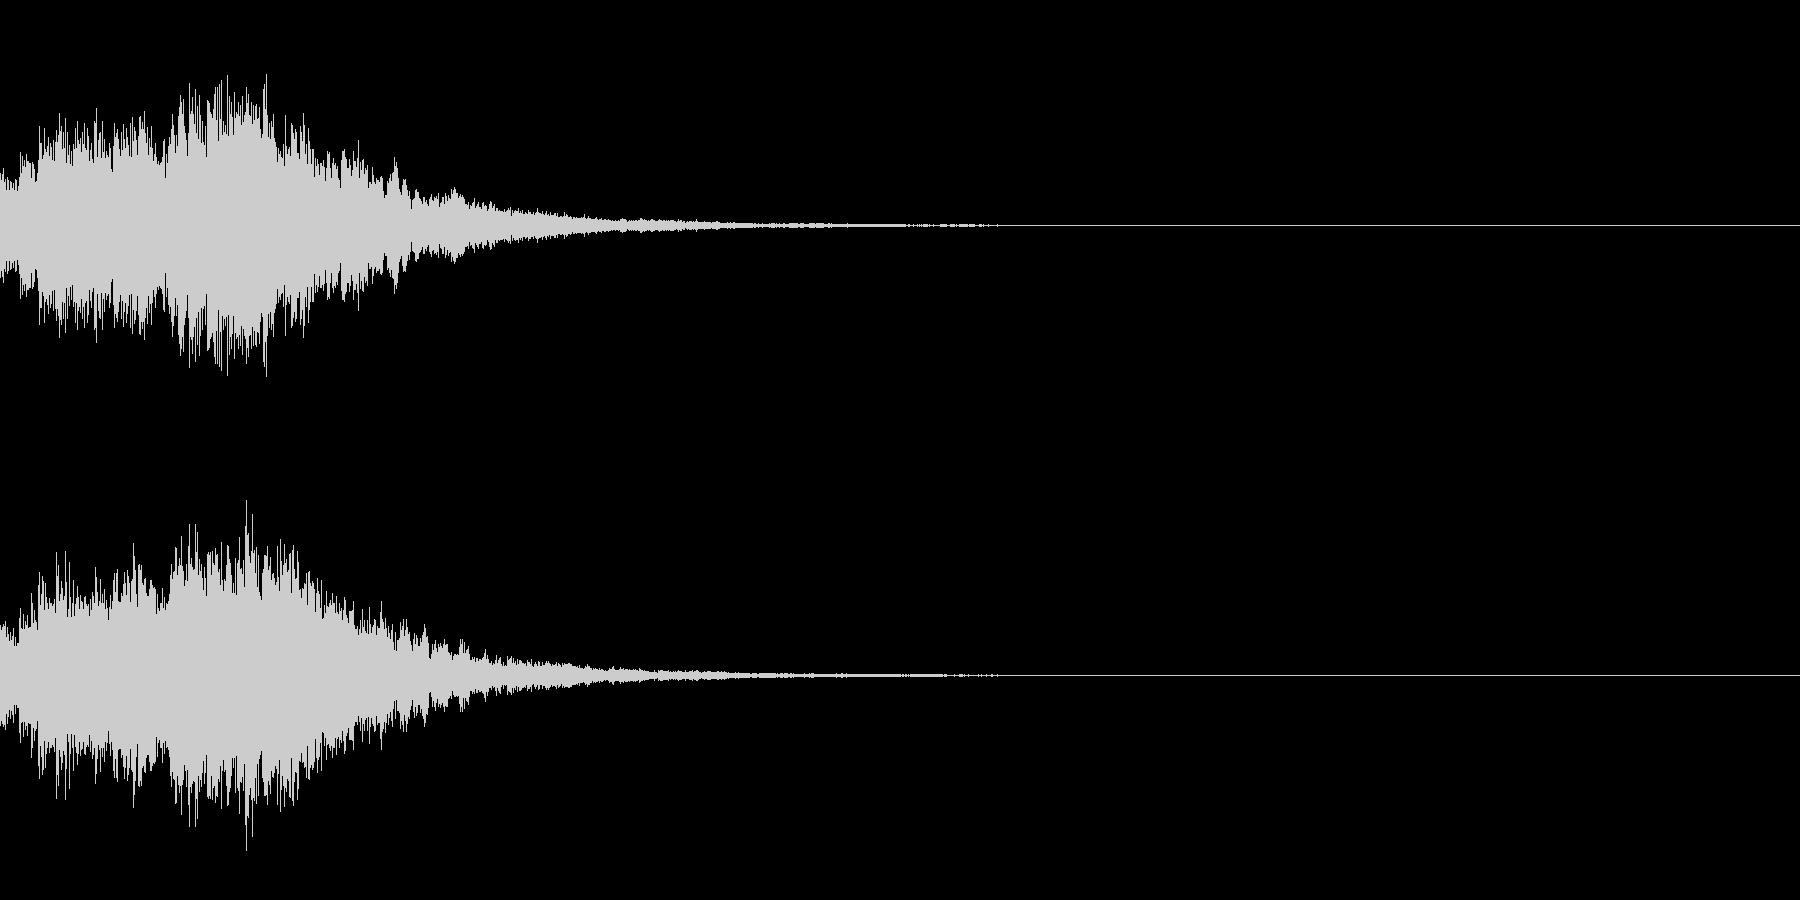 システム起動音_その10の未再生の波形